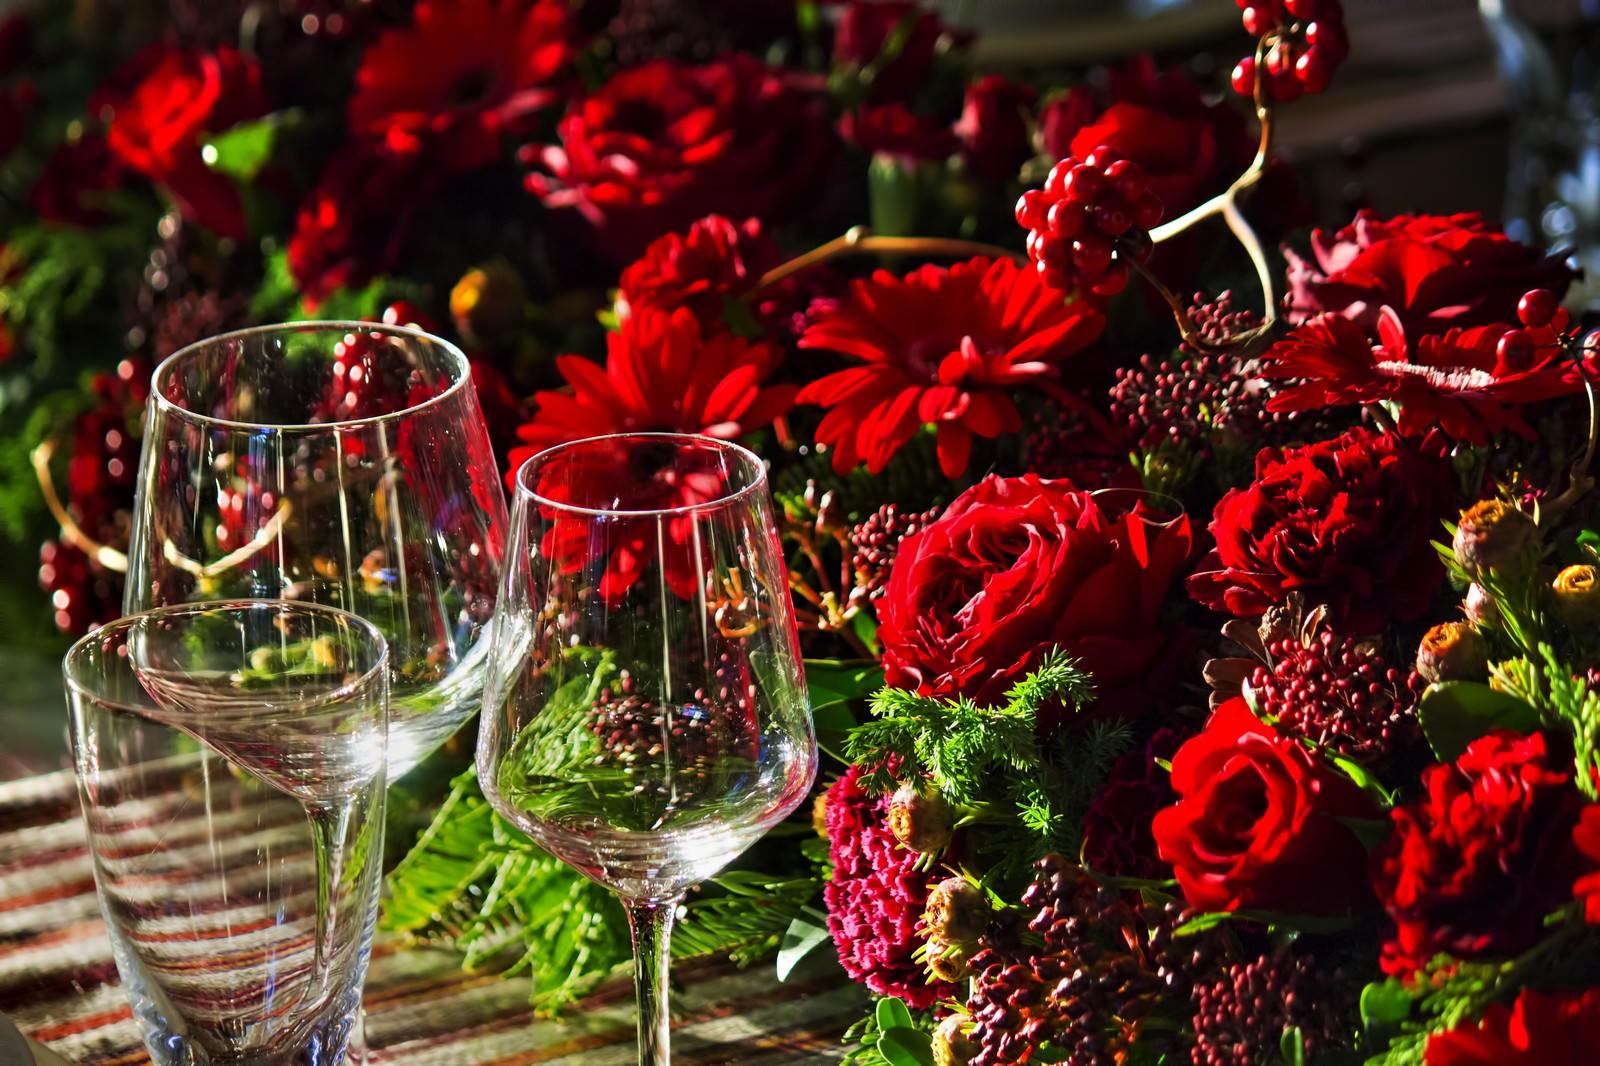 「赤い薔薇とワイングラス」の写真